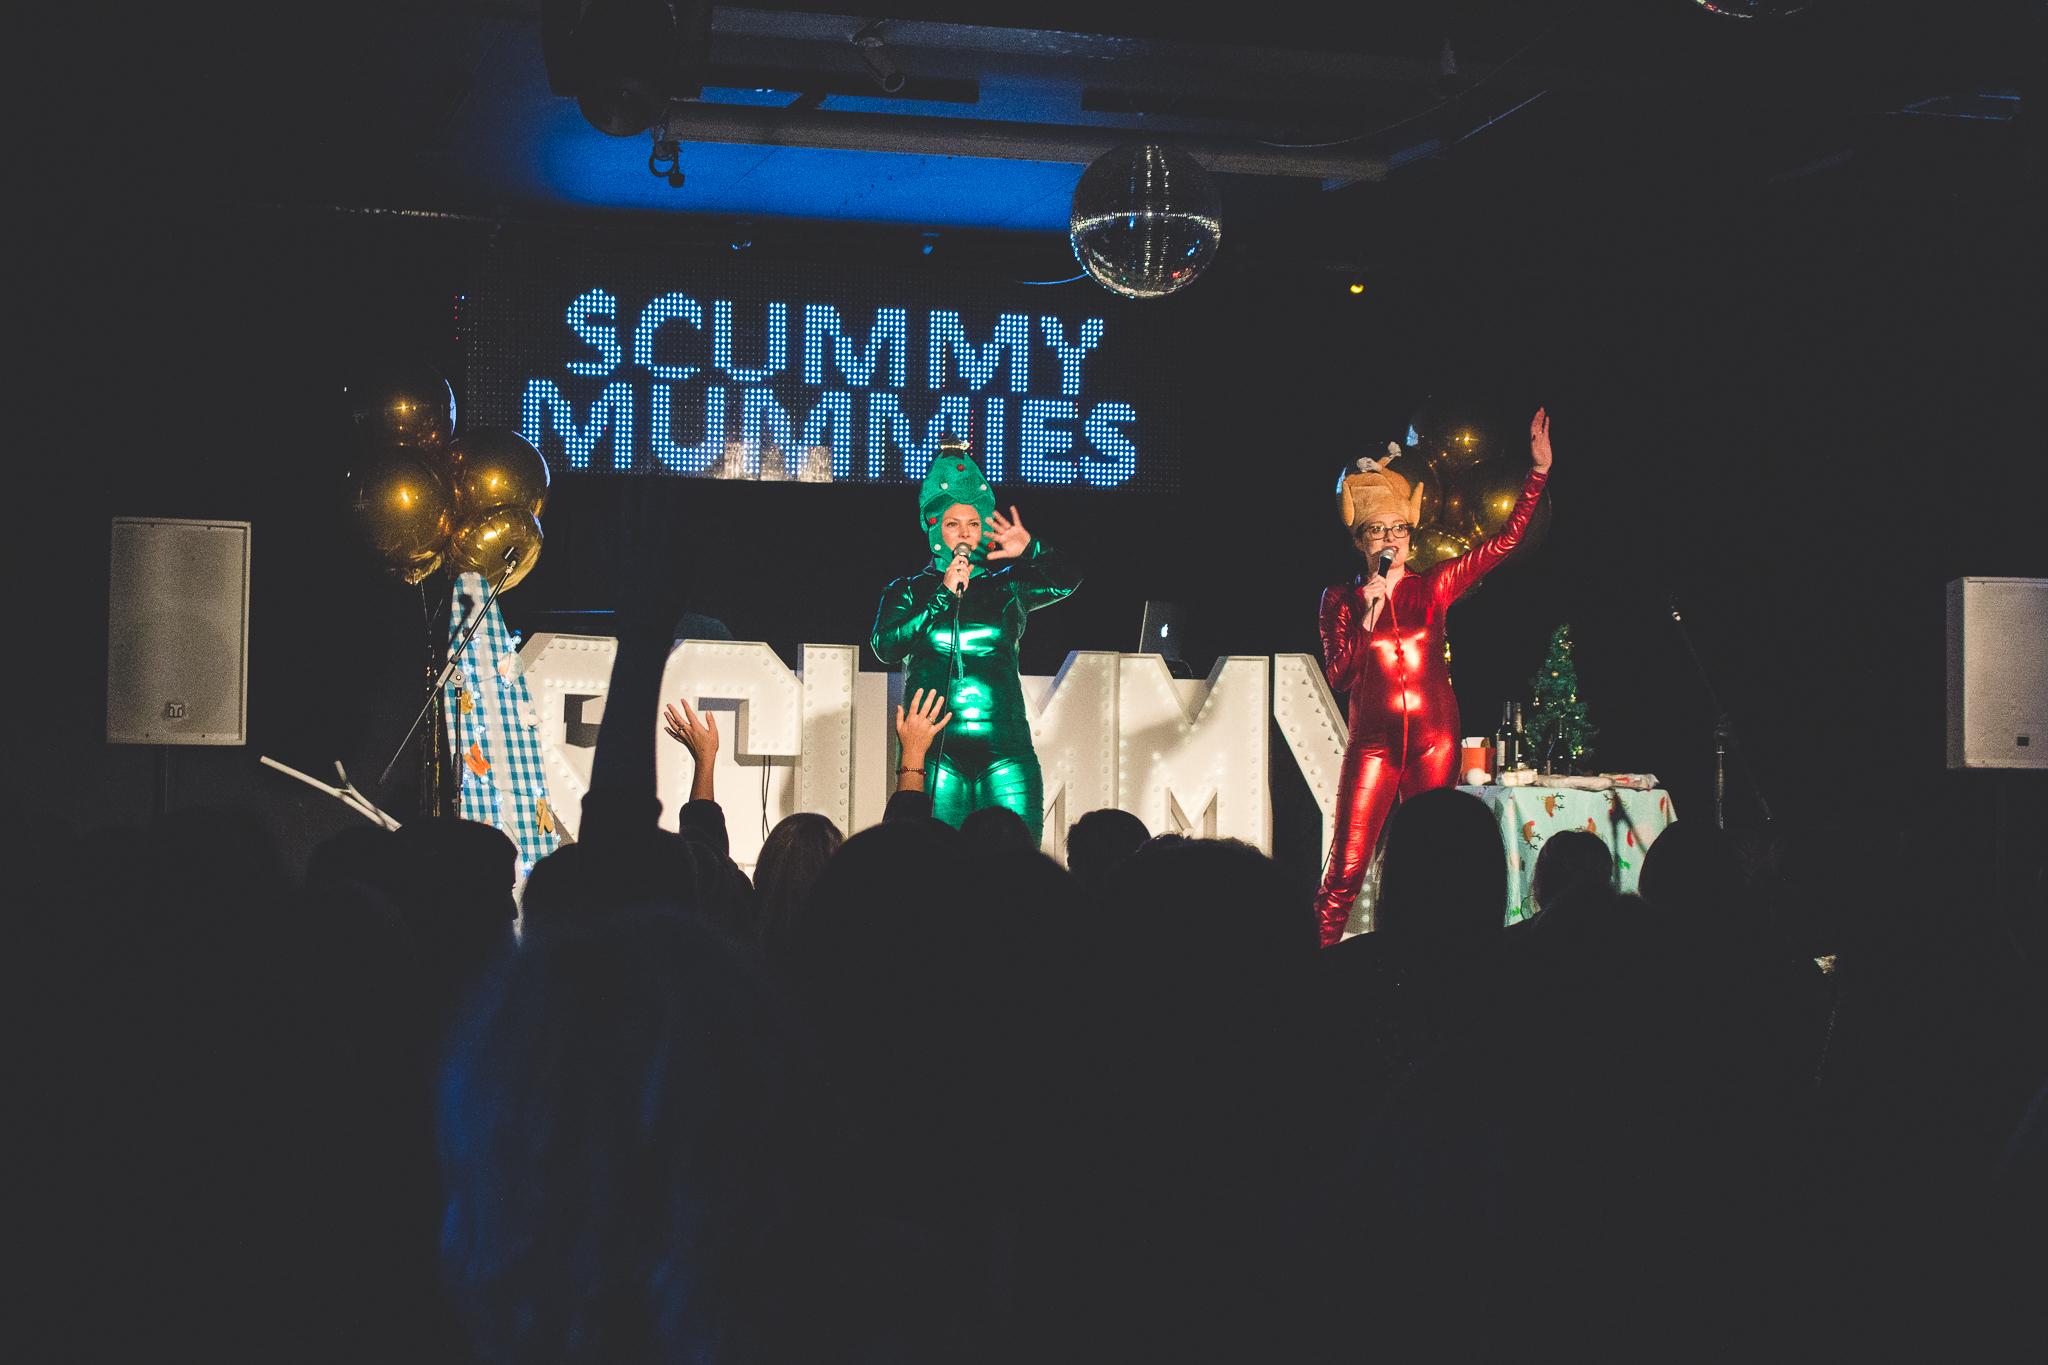 scummy-mummies-mums-the-word-24.jpg